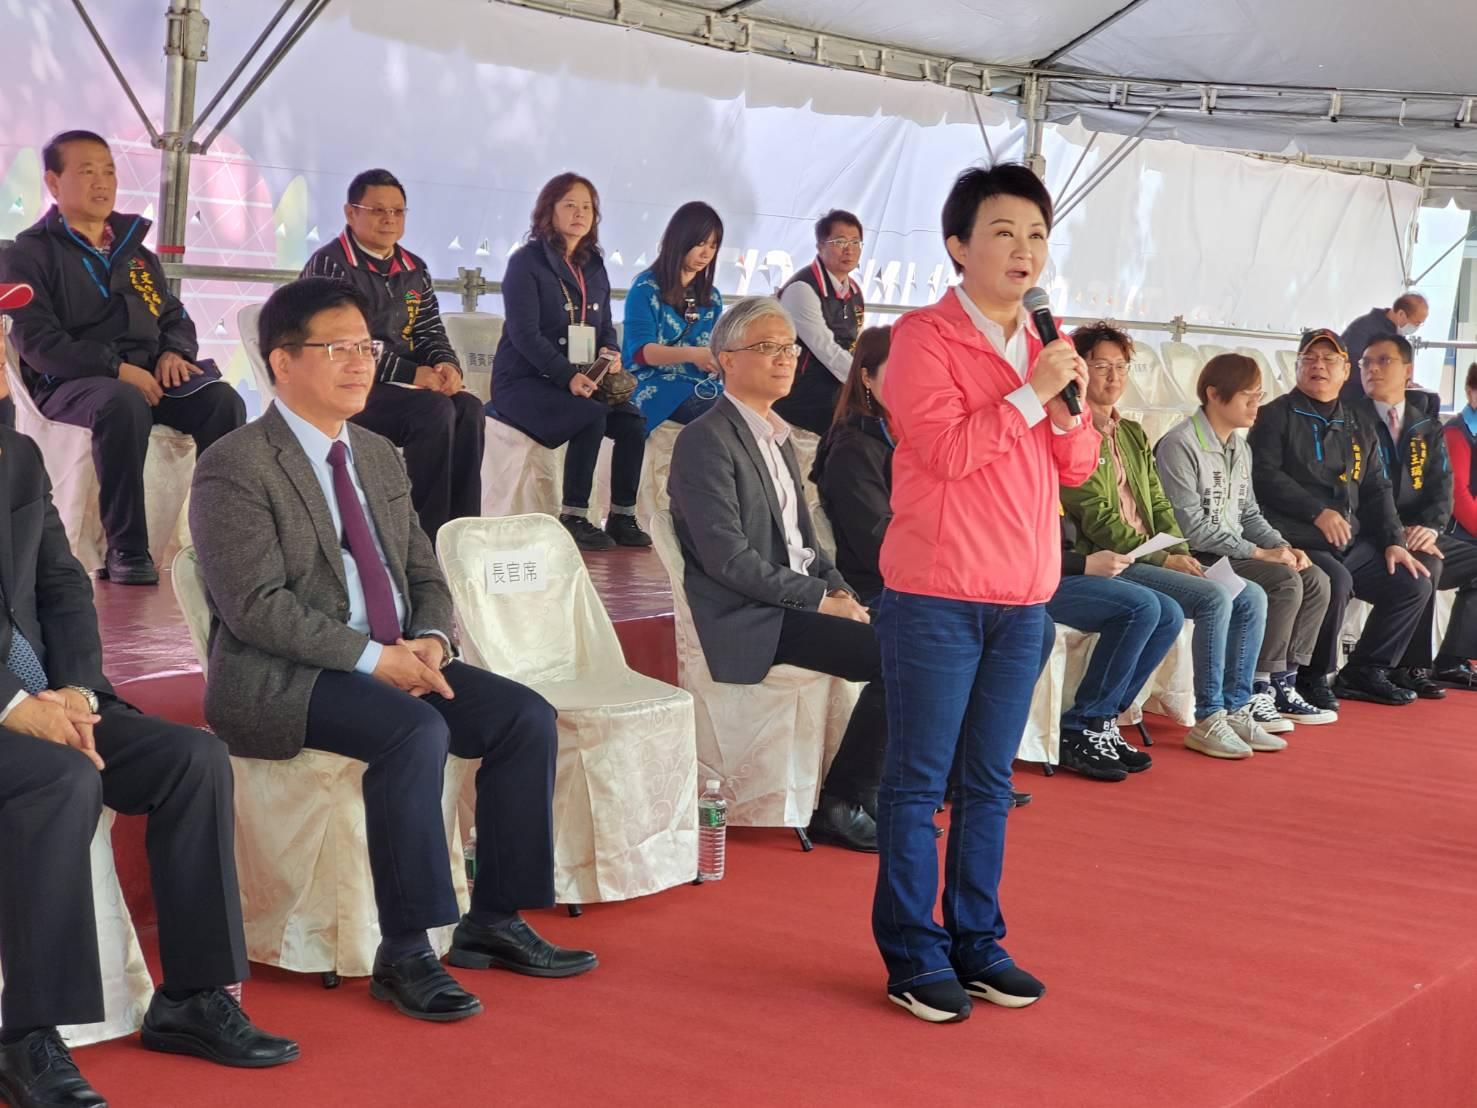 中市府盧秀燕市長歡迎全台民眾欣賞有史以來規模最大的台灣燈會